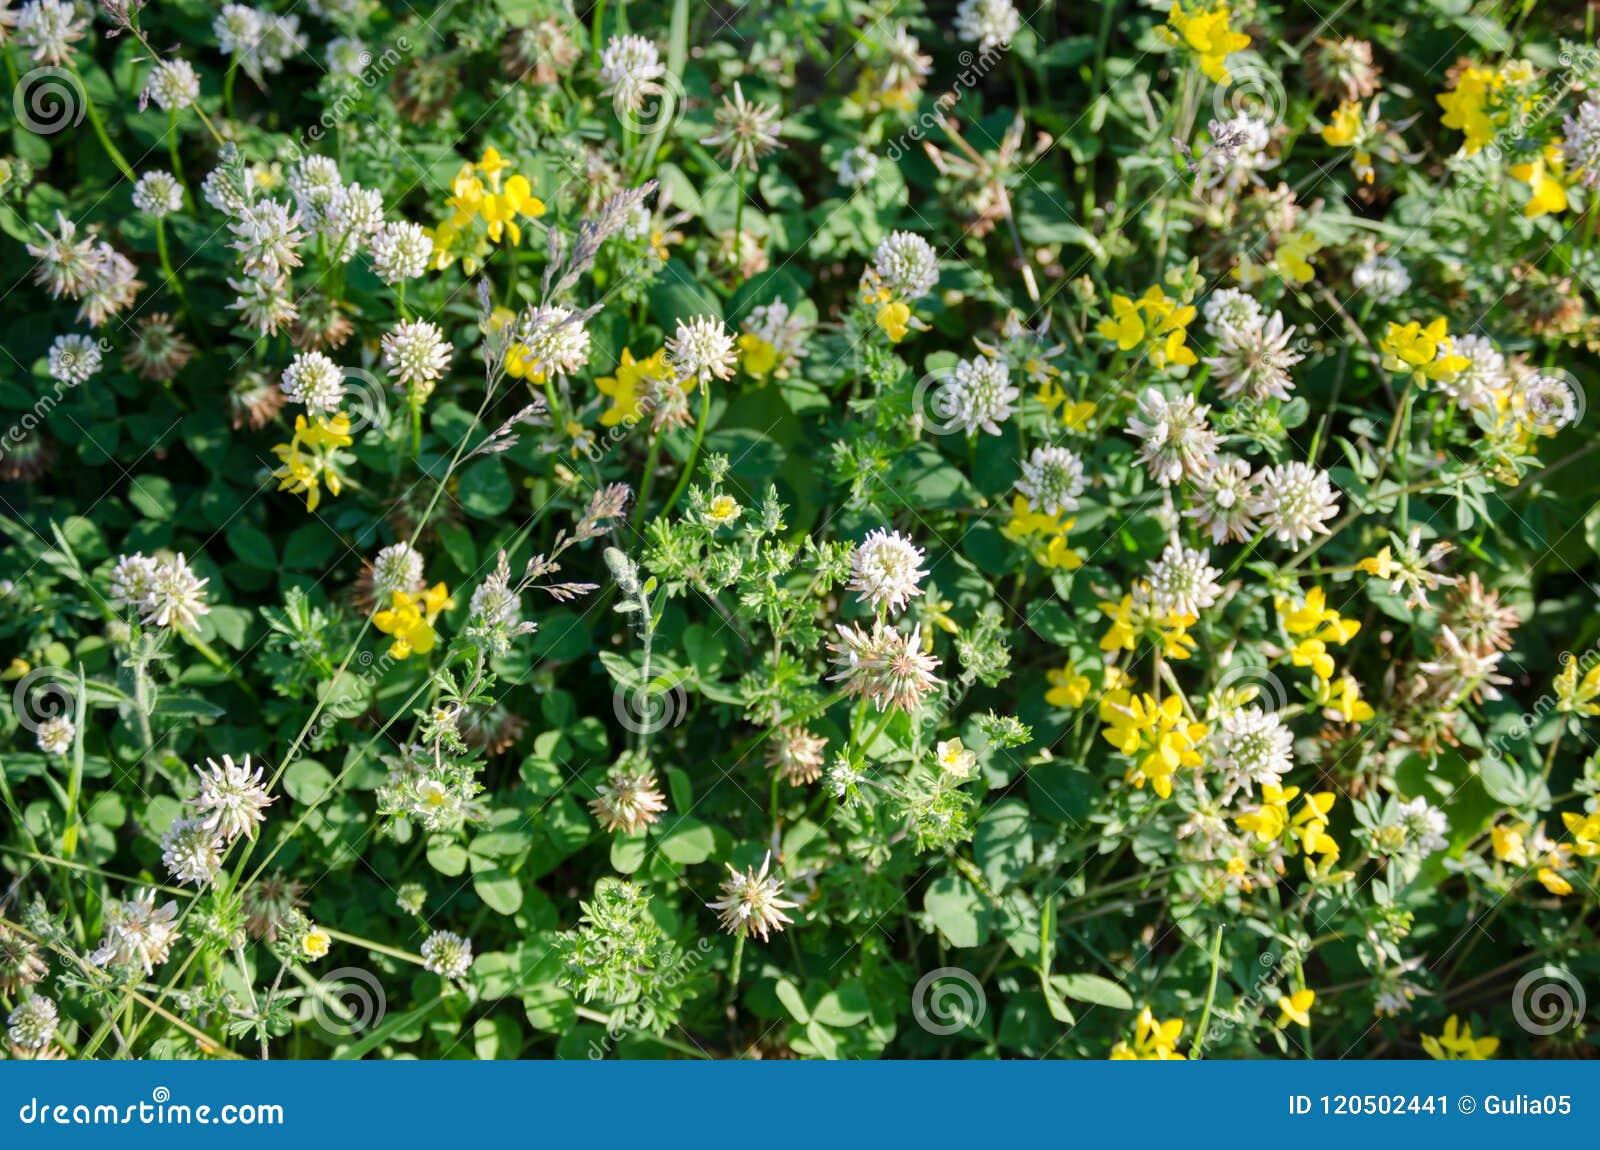 Flower glade, meadow flowers.